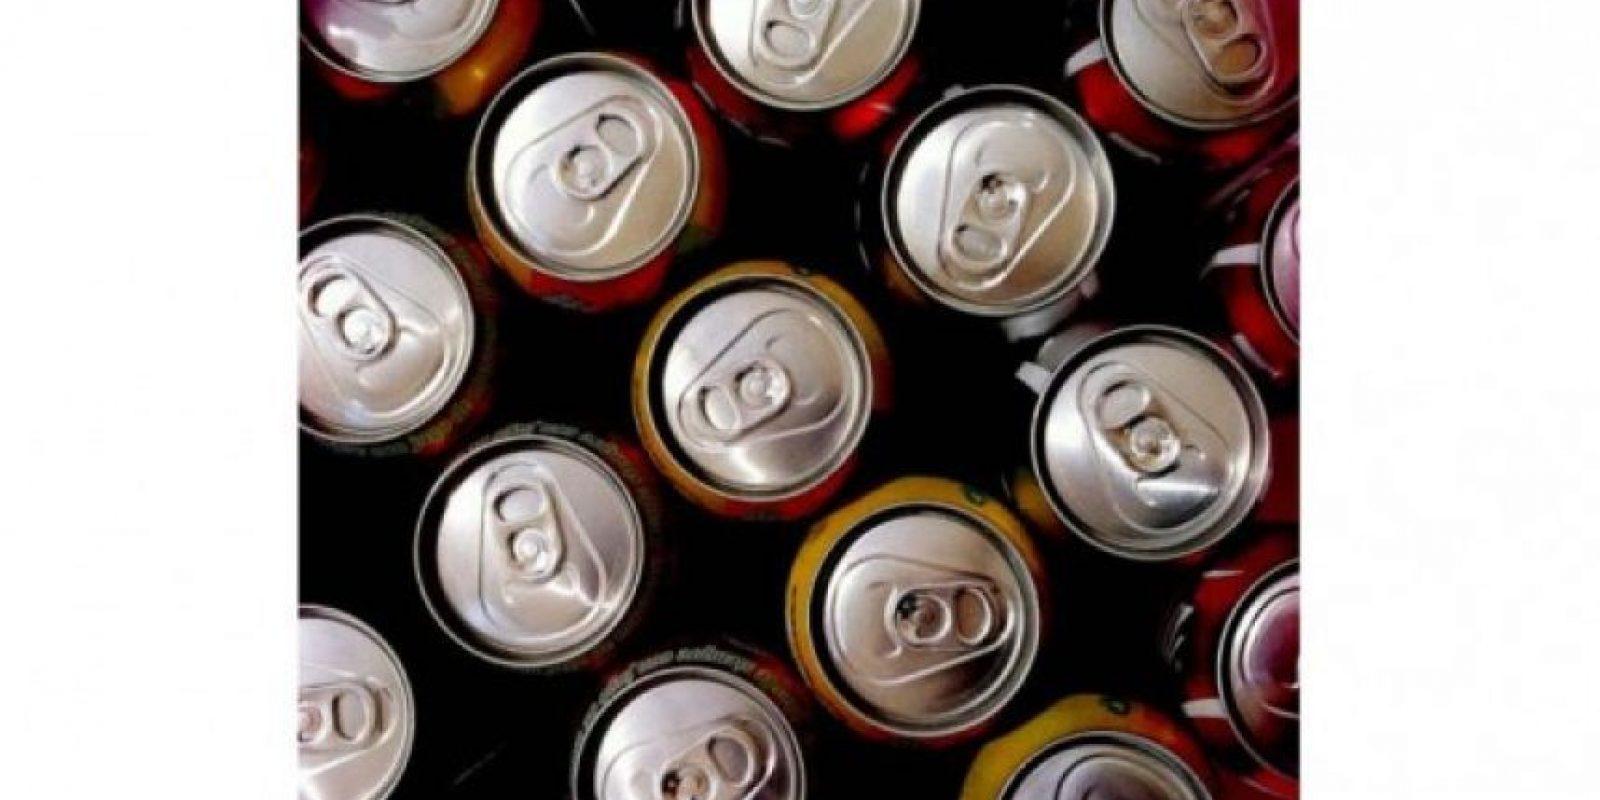 Los refrescos están asociados a la depresión, obesidad y diabetes, enfermedades que reducen el apetito sexual. Foto:Flickr